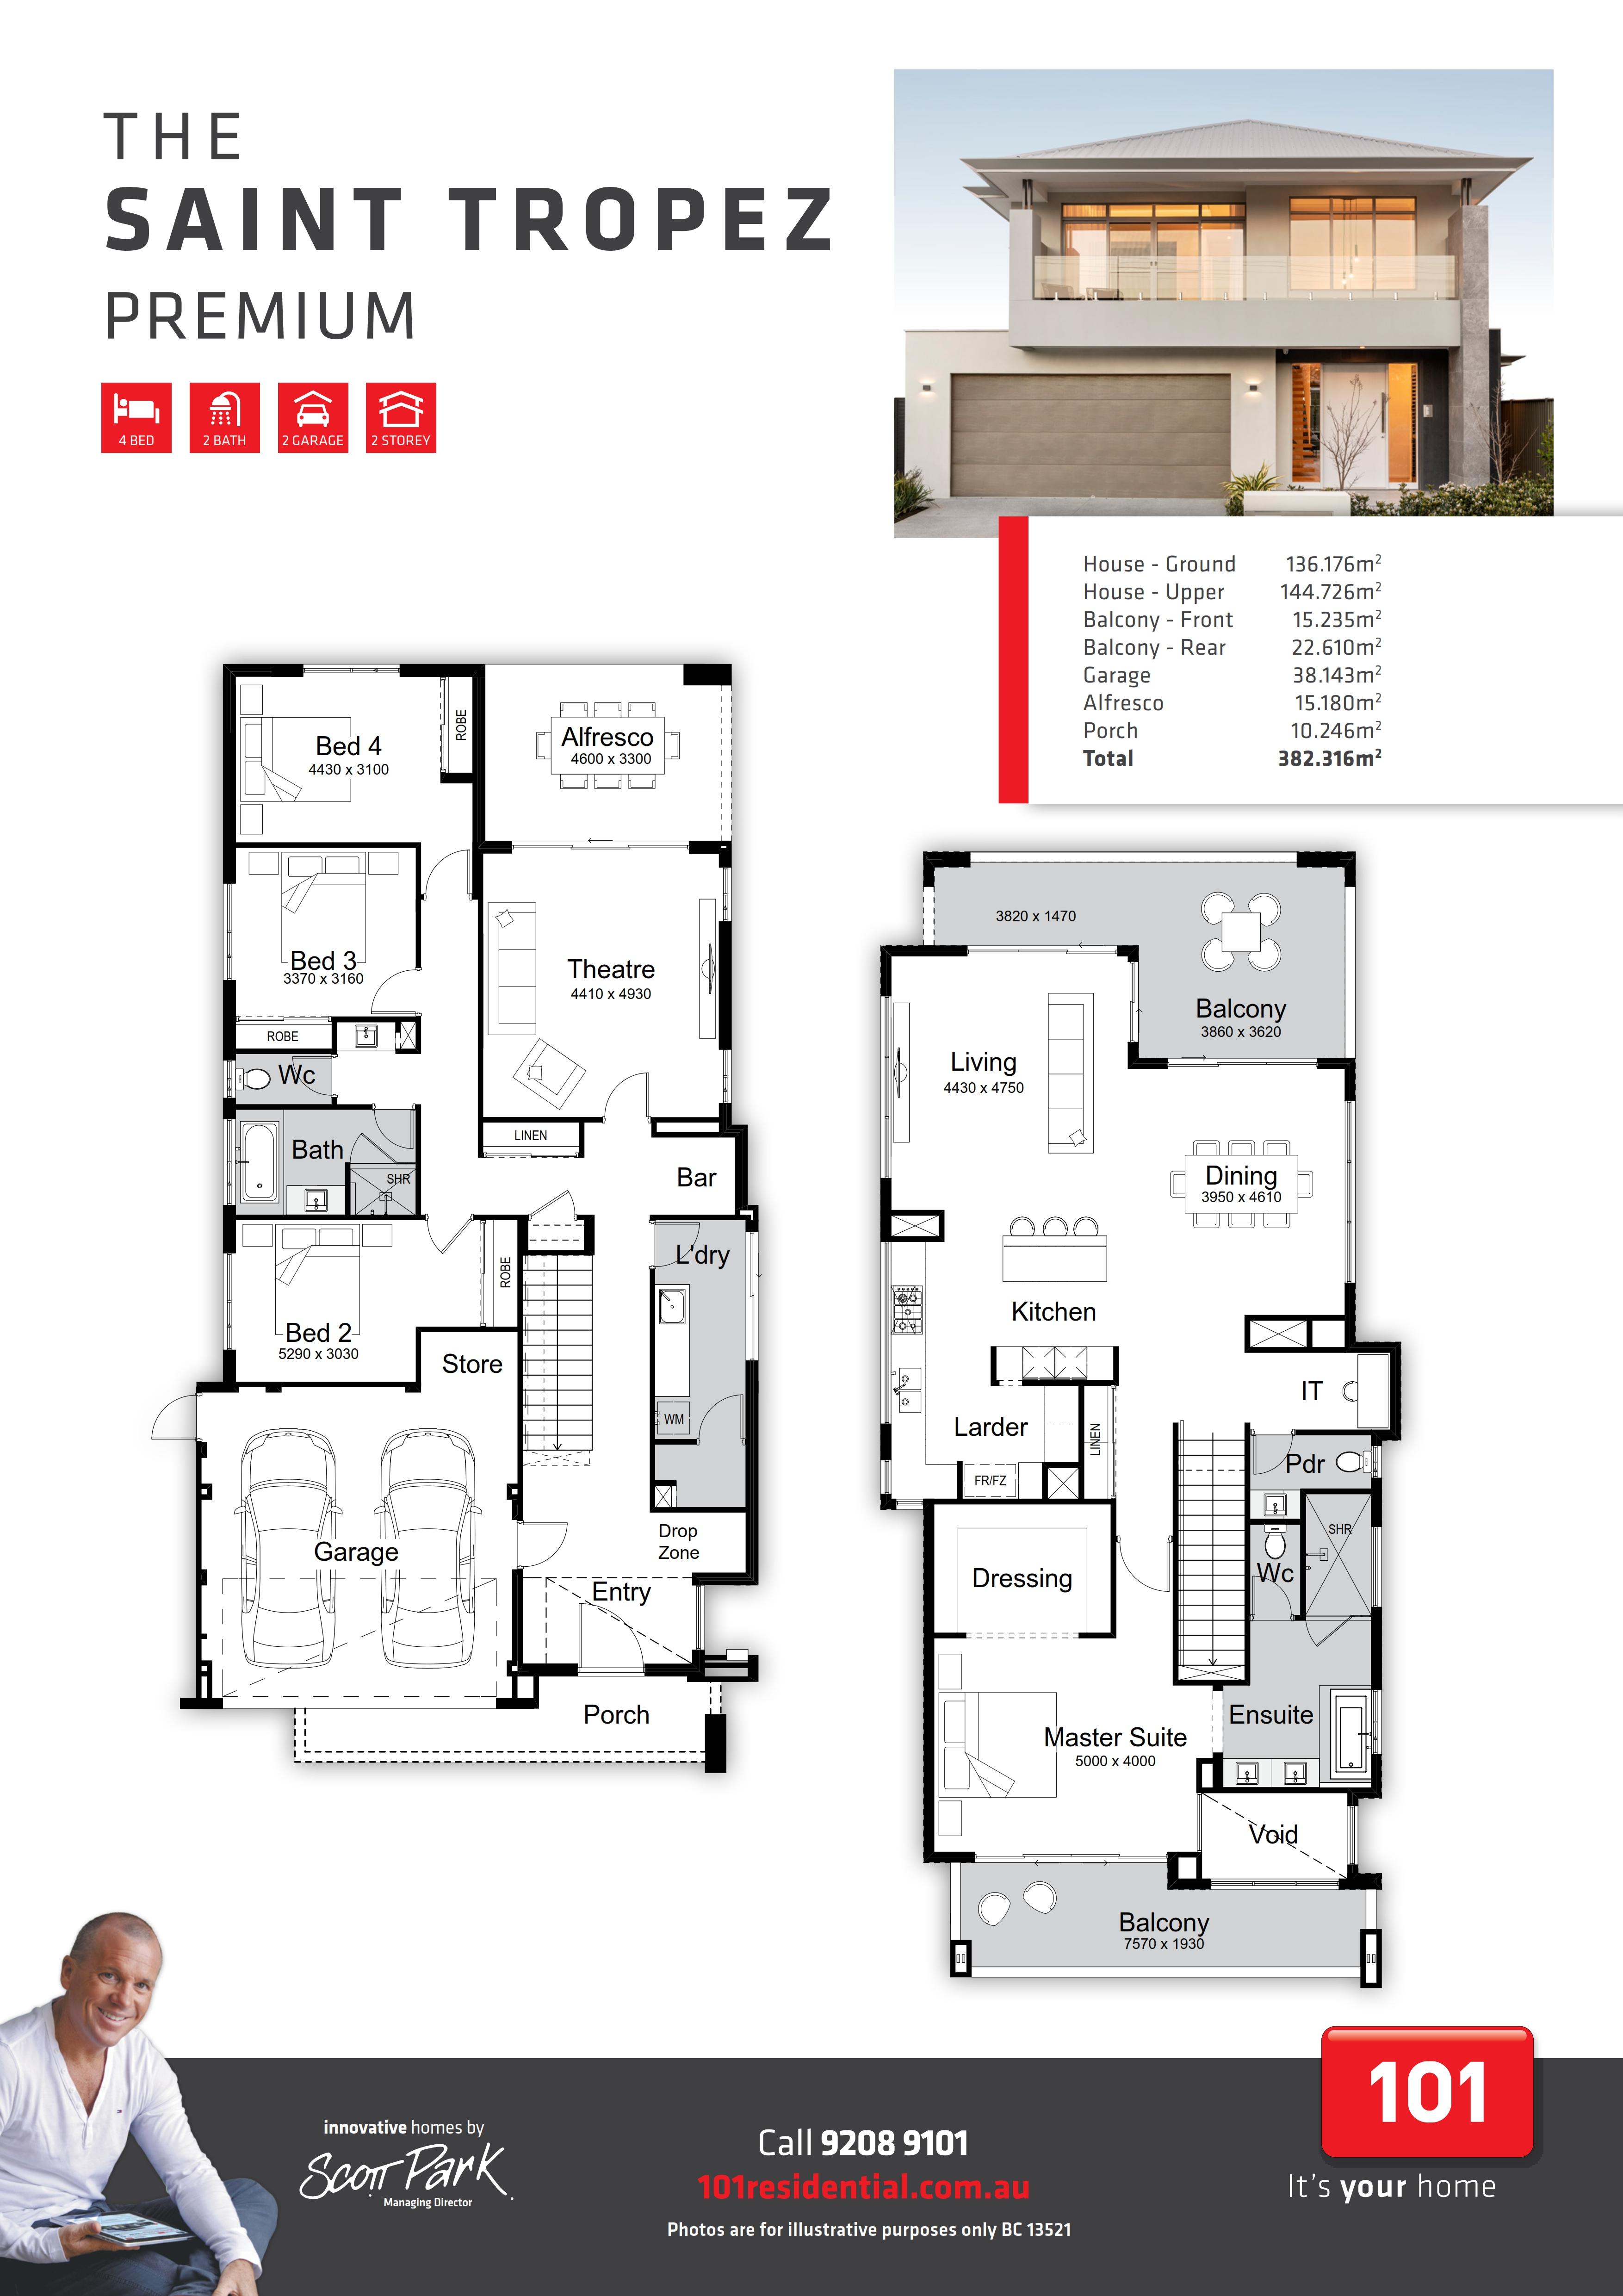 101 A3 Floor Plan - Saint Tropez Premium_001